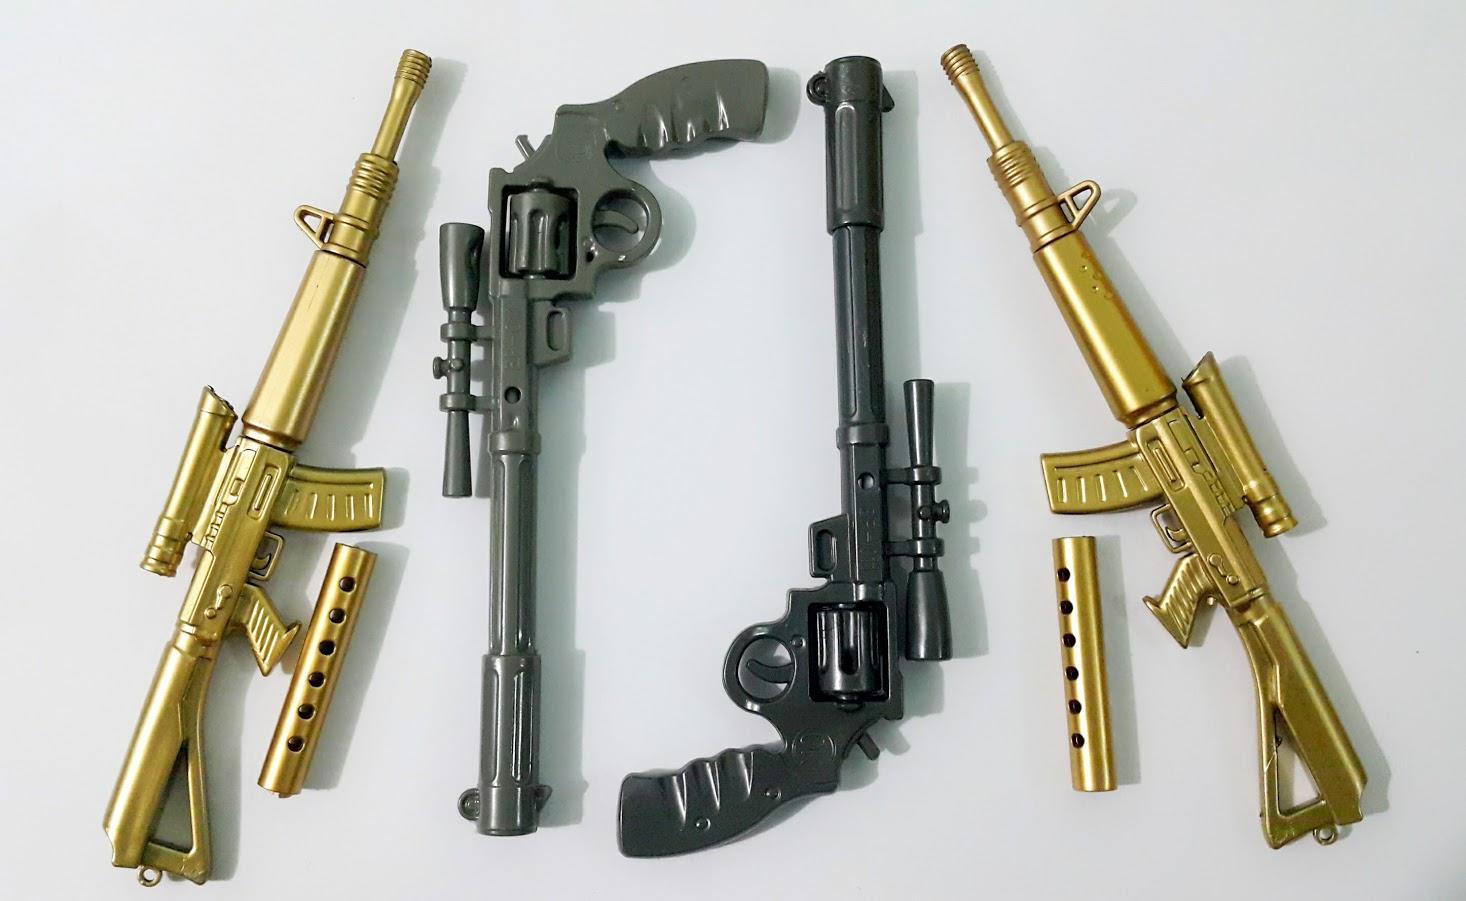 Mua Combo 4 cây bút viết hình vũ khí độc lạ